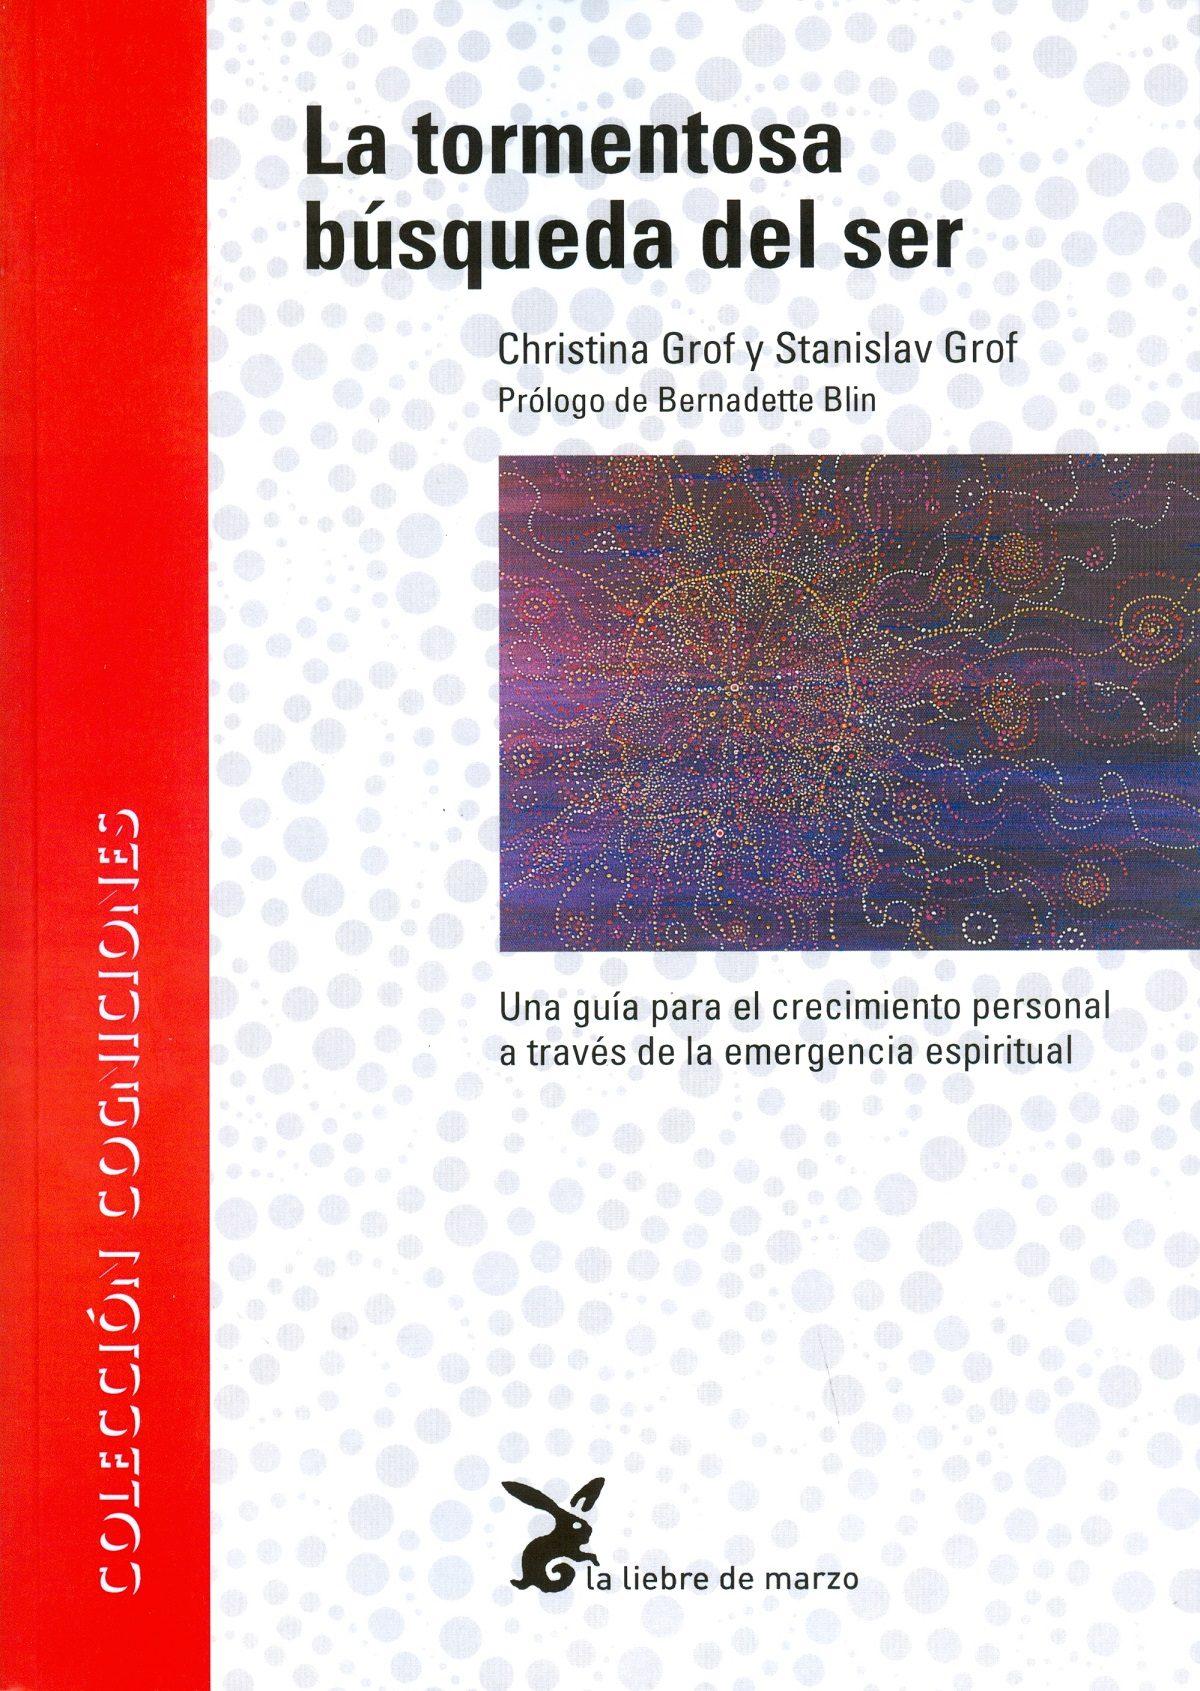 La Tormentosa Busqueda Del Ser: Una Guia Para El Crecimiento Pers Onal A Traves De La Emergencia Espiritual por Stanislav Grof